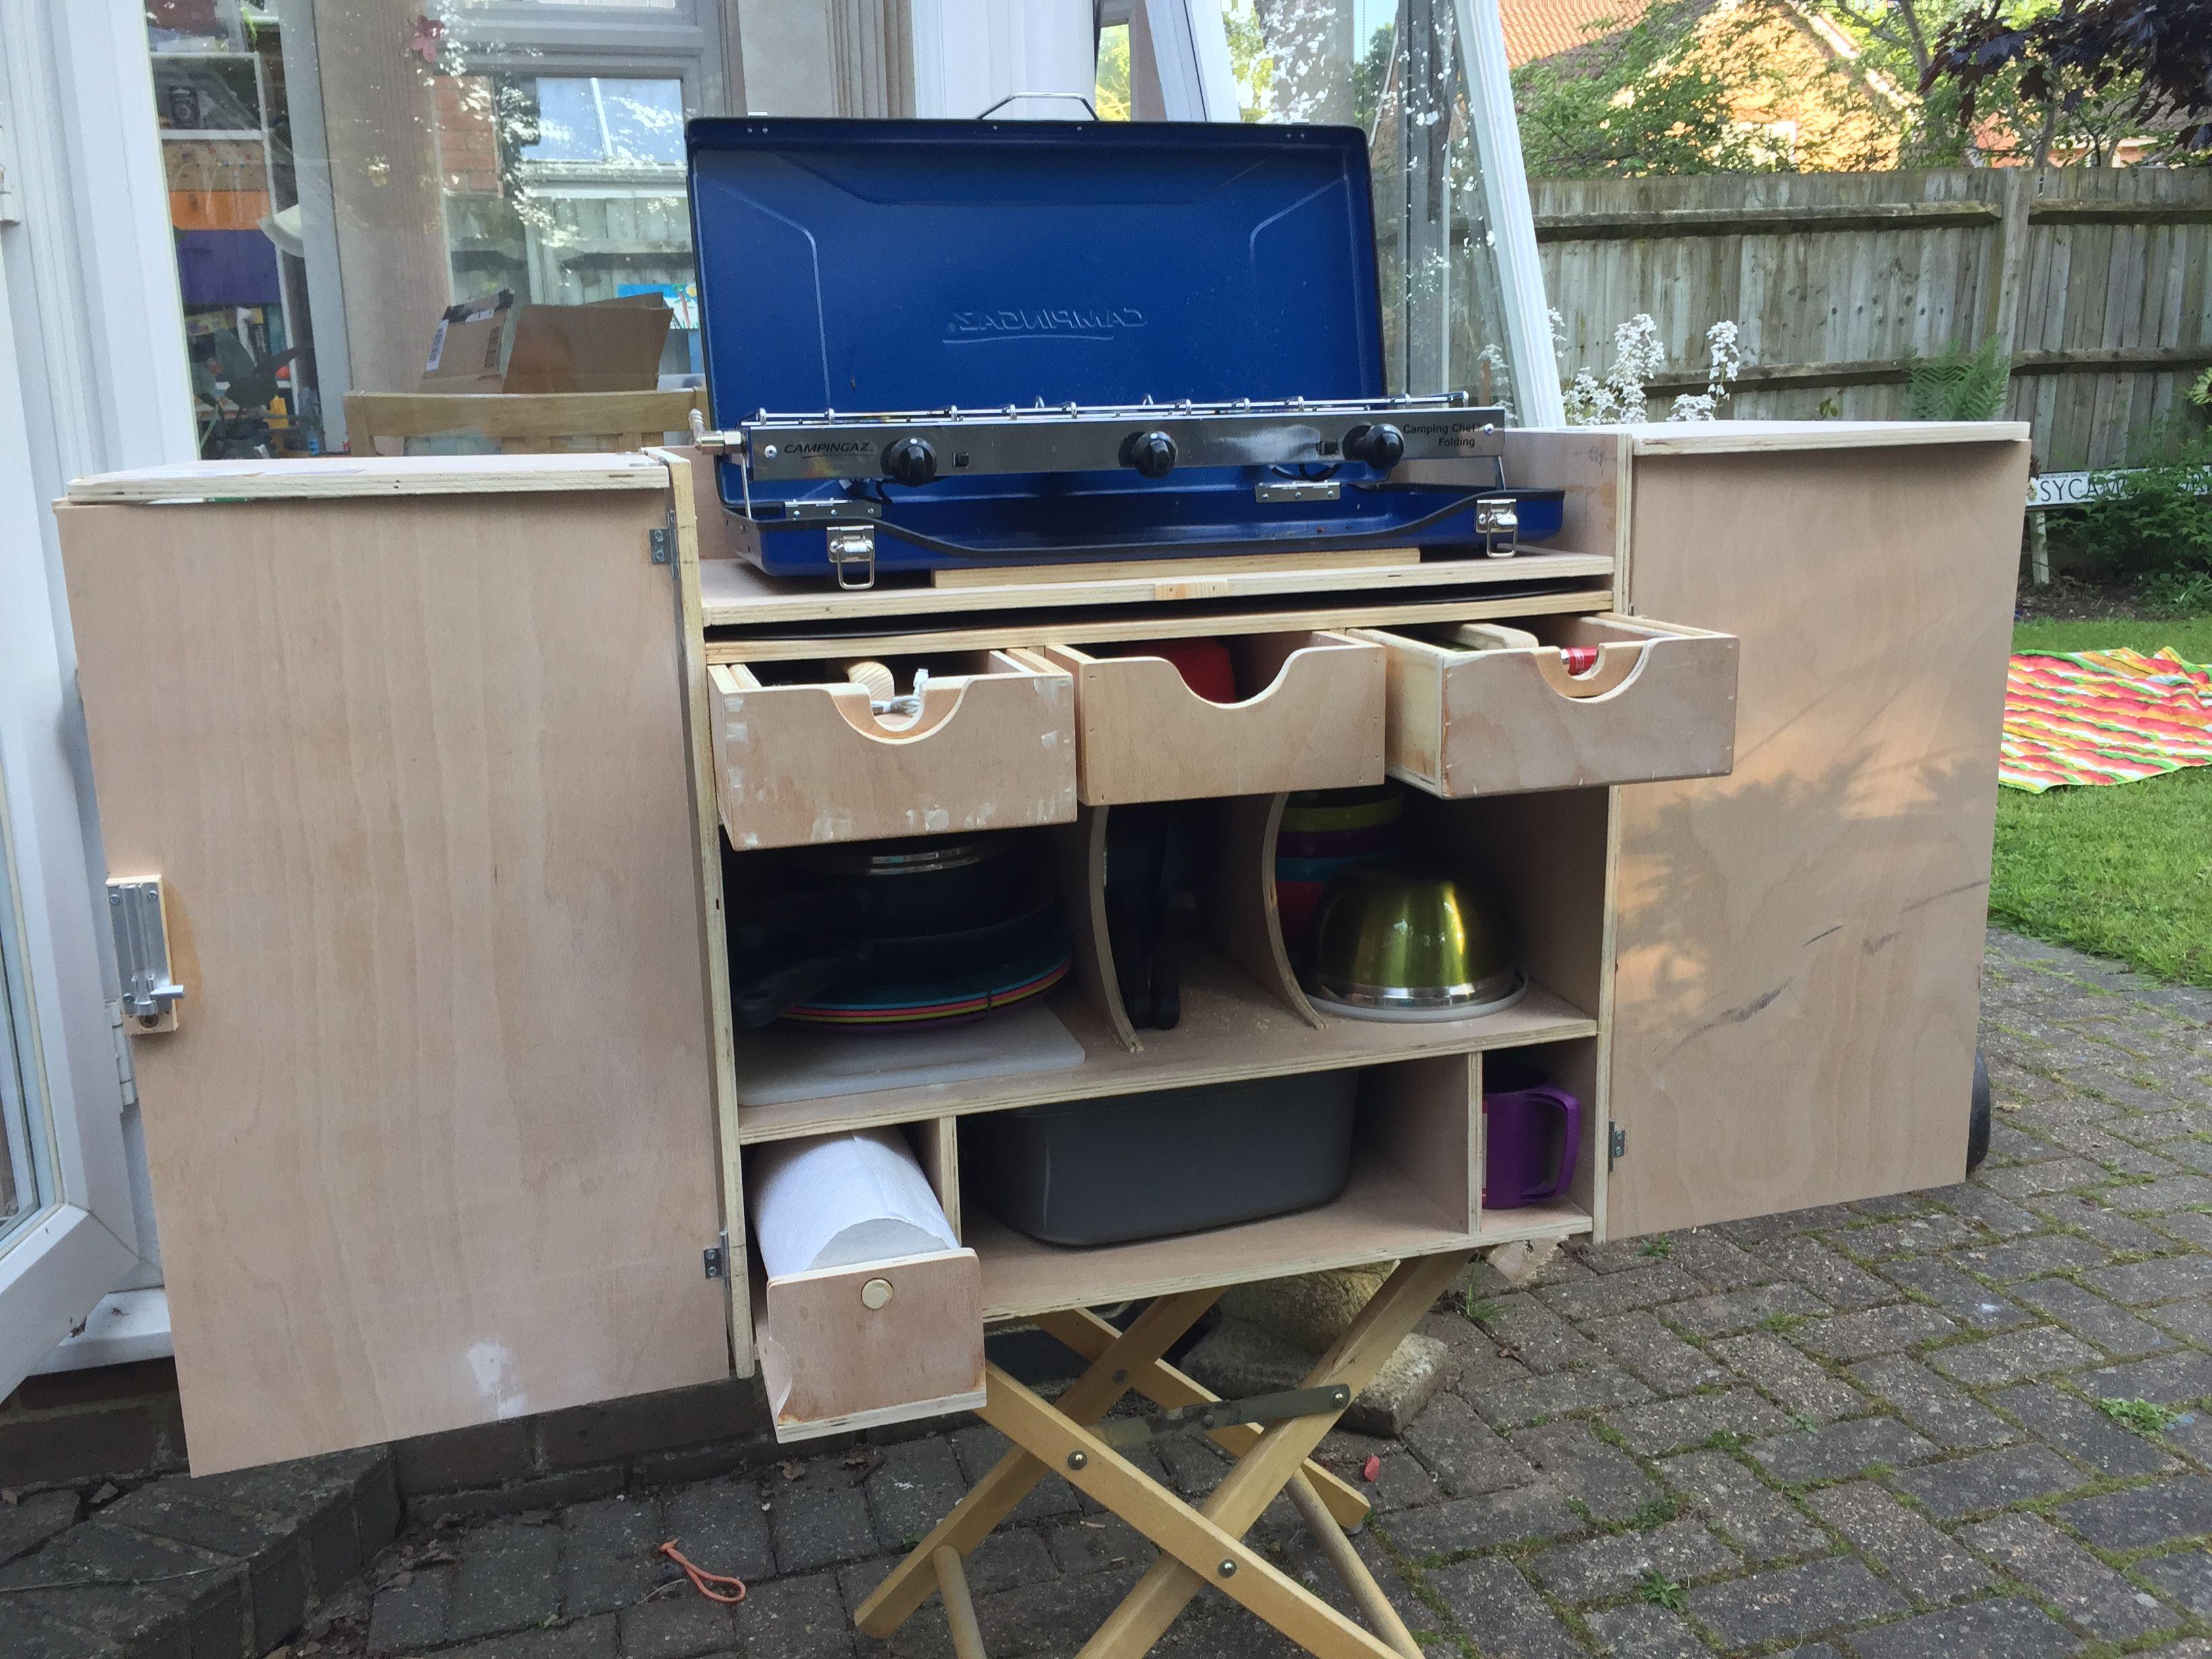 Outdoorküche Camping Xxl : Campingausrüstung outdoor küche greenyard abdeckplane für